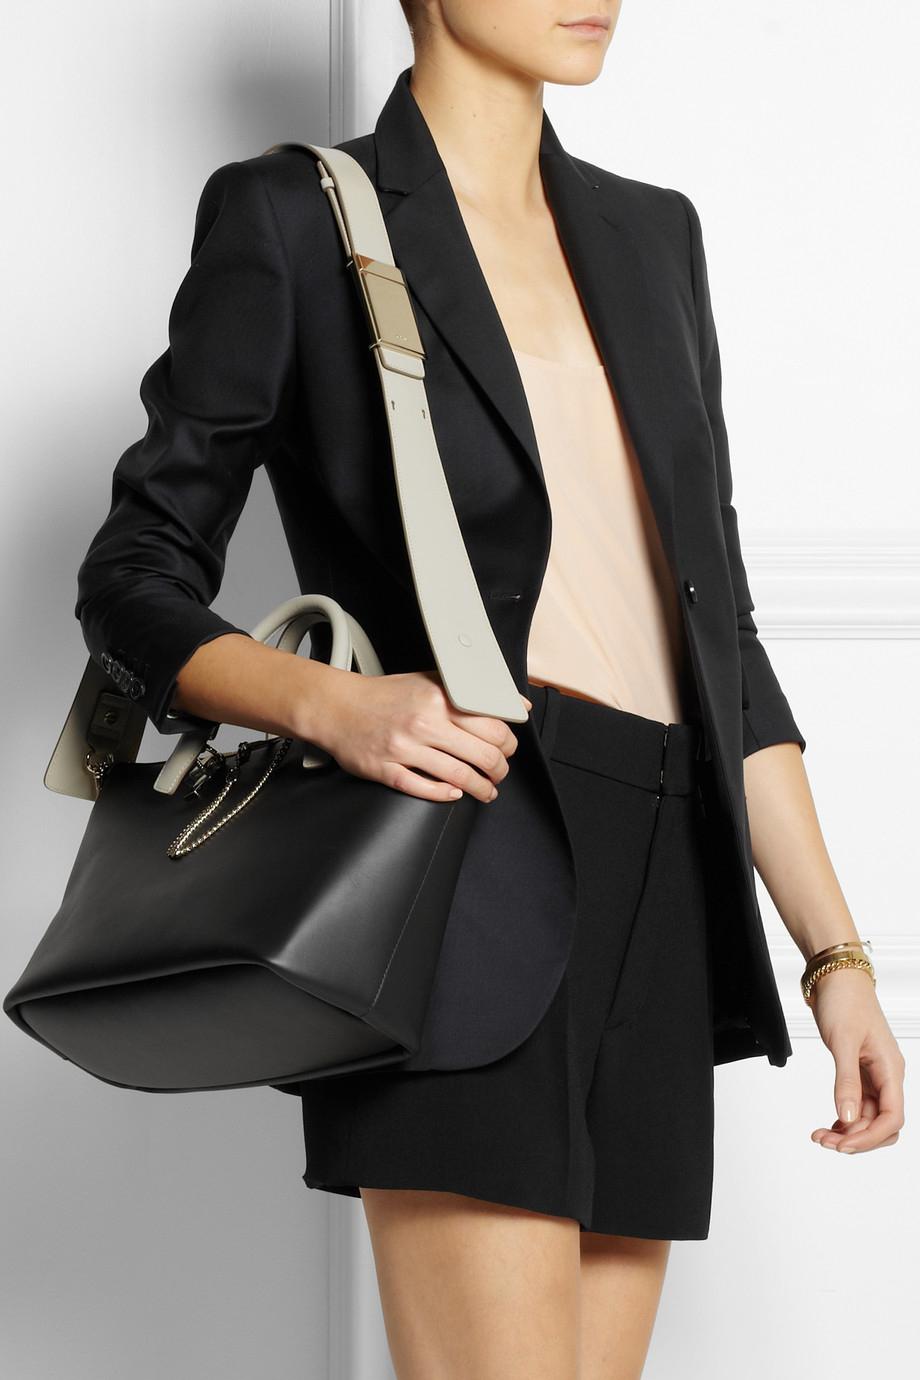 Chlo¨¦ Baylee Medium Leather Tote in Black | Lyst